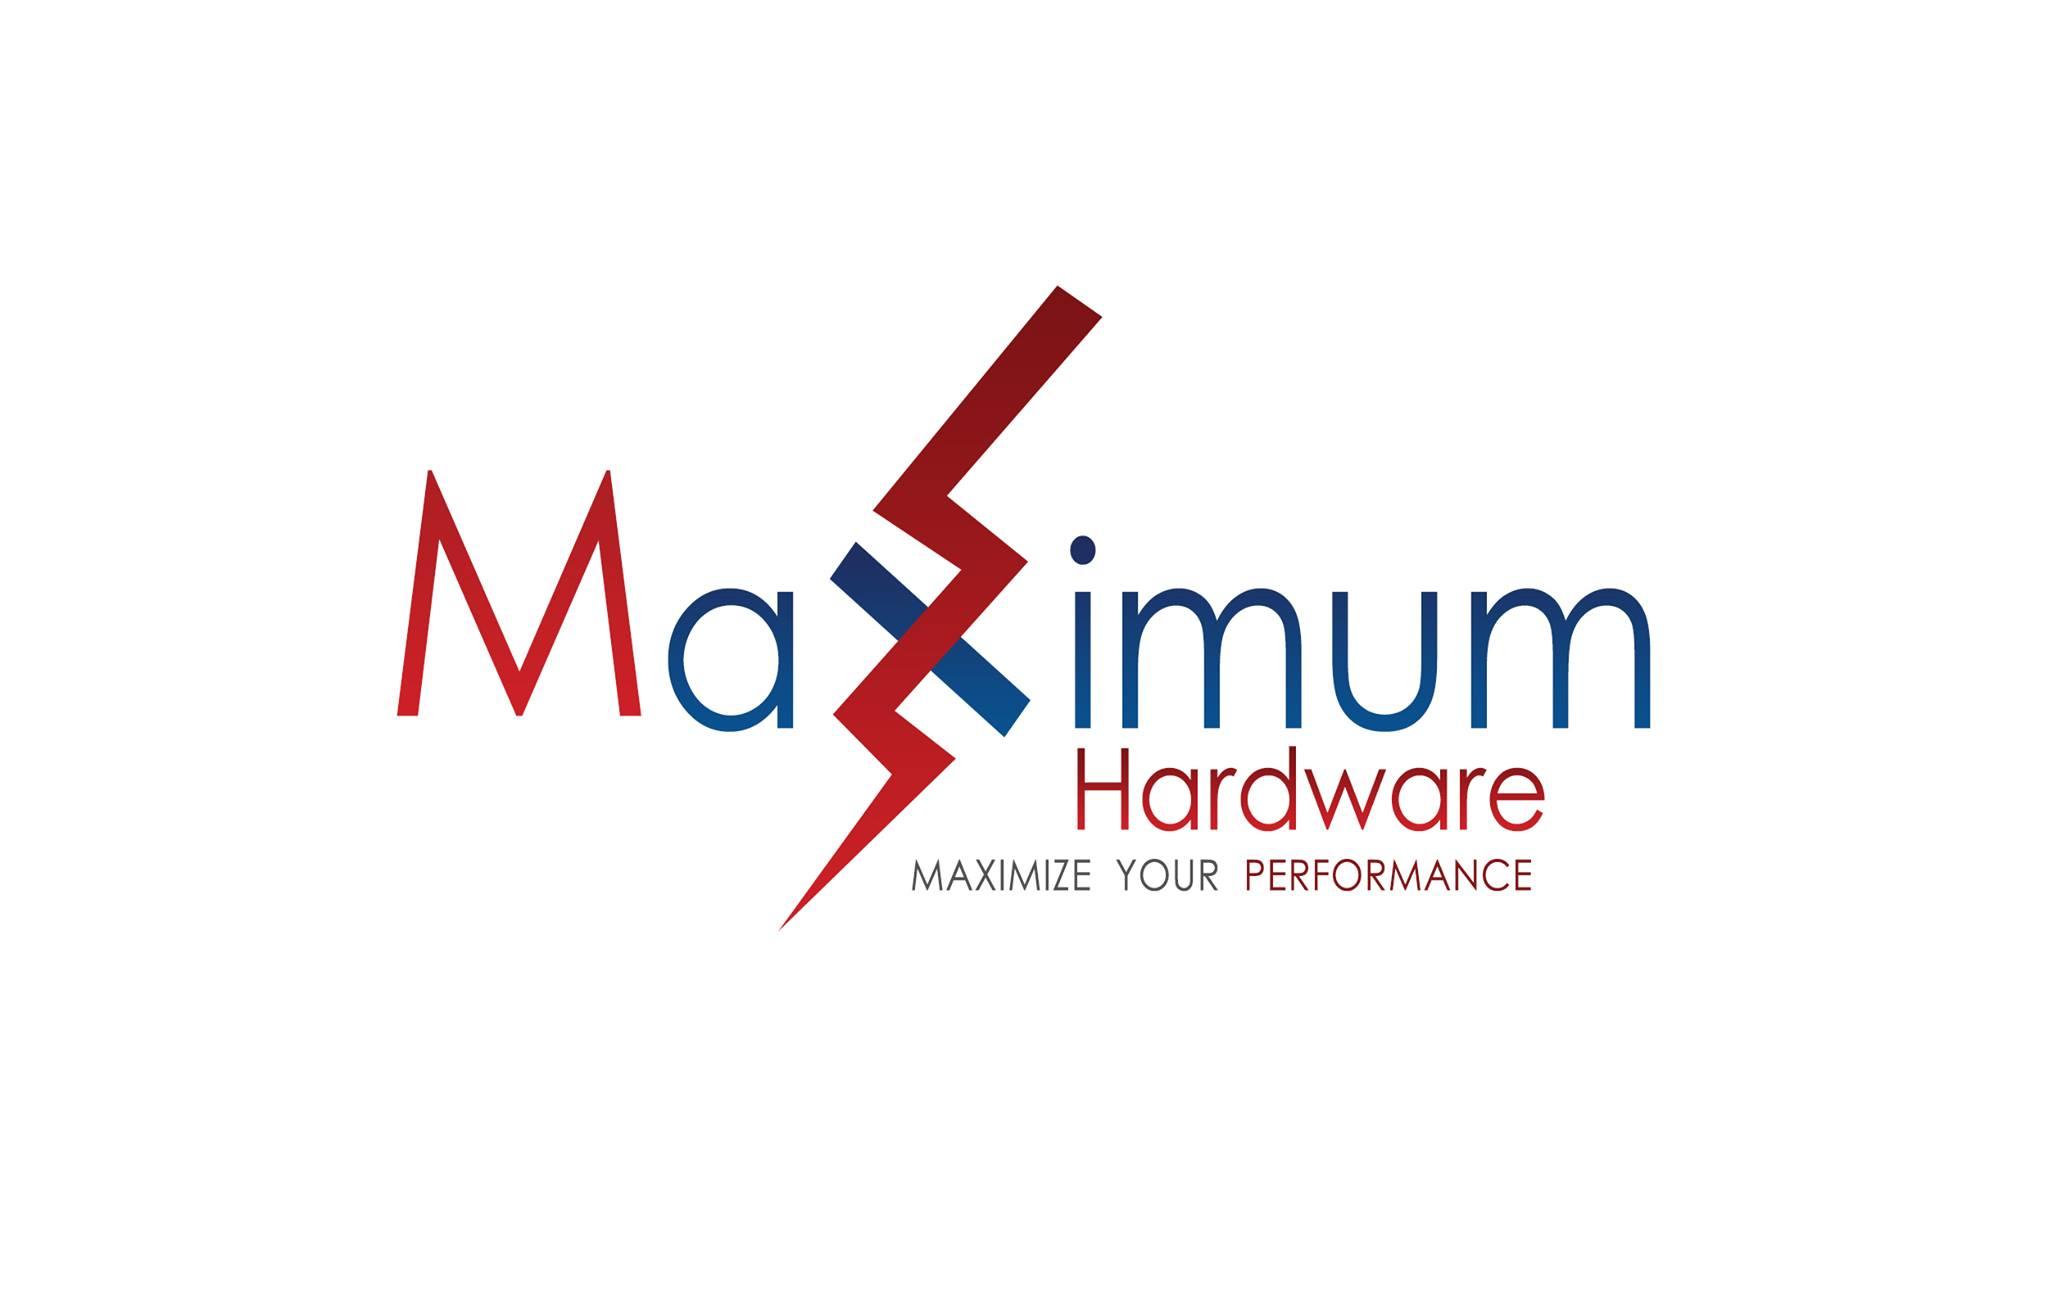 Maximum Hardware